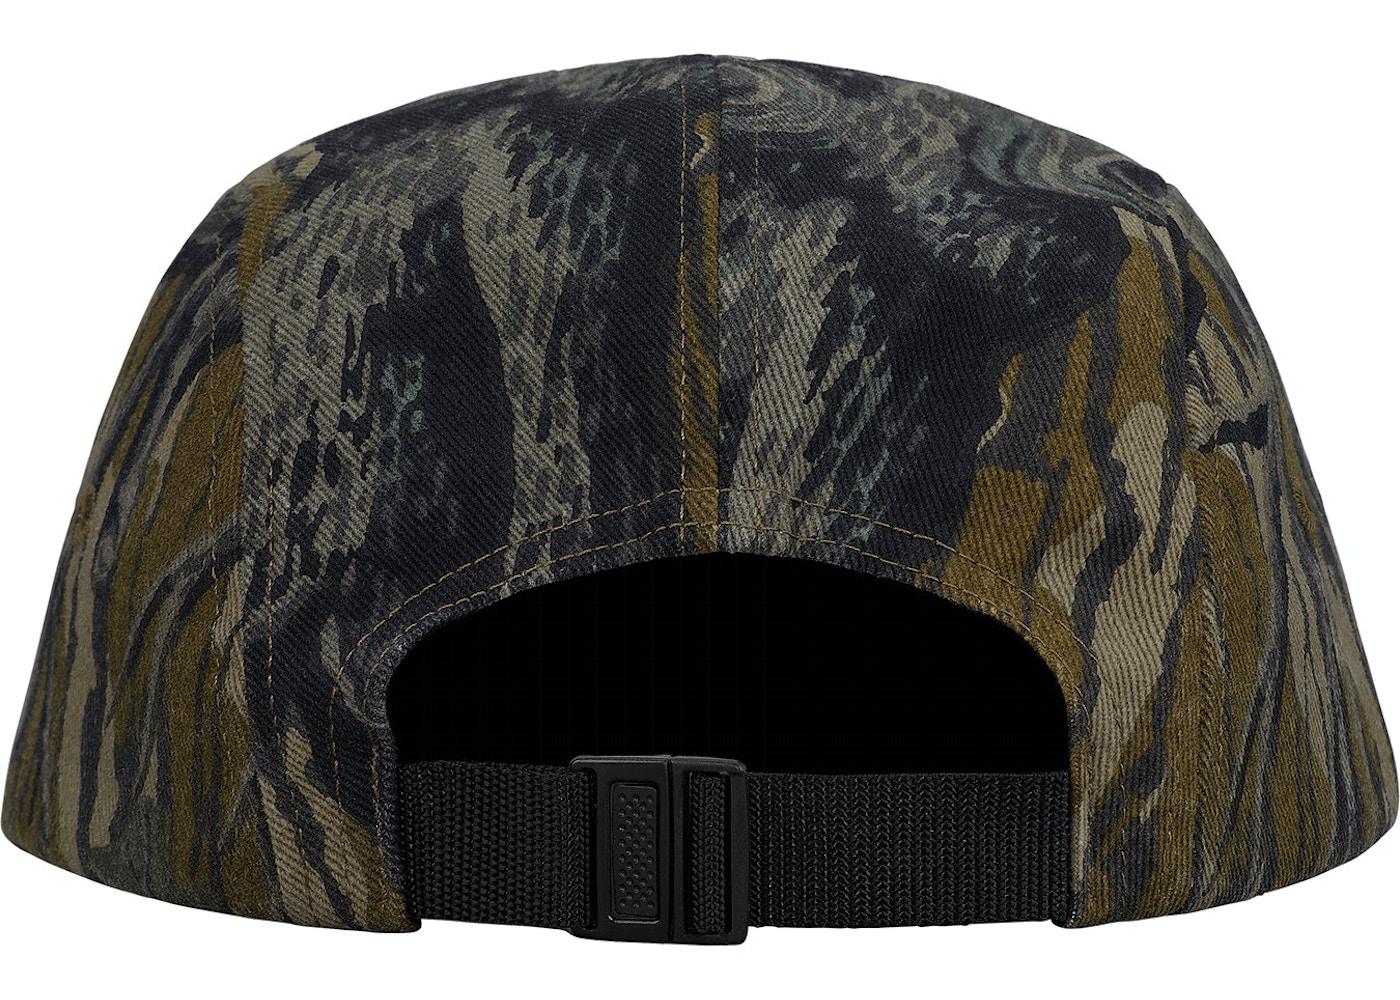 d35539698a2 Supreme Headwear - Buy   Sell Streetwear